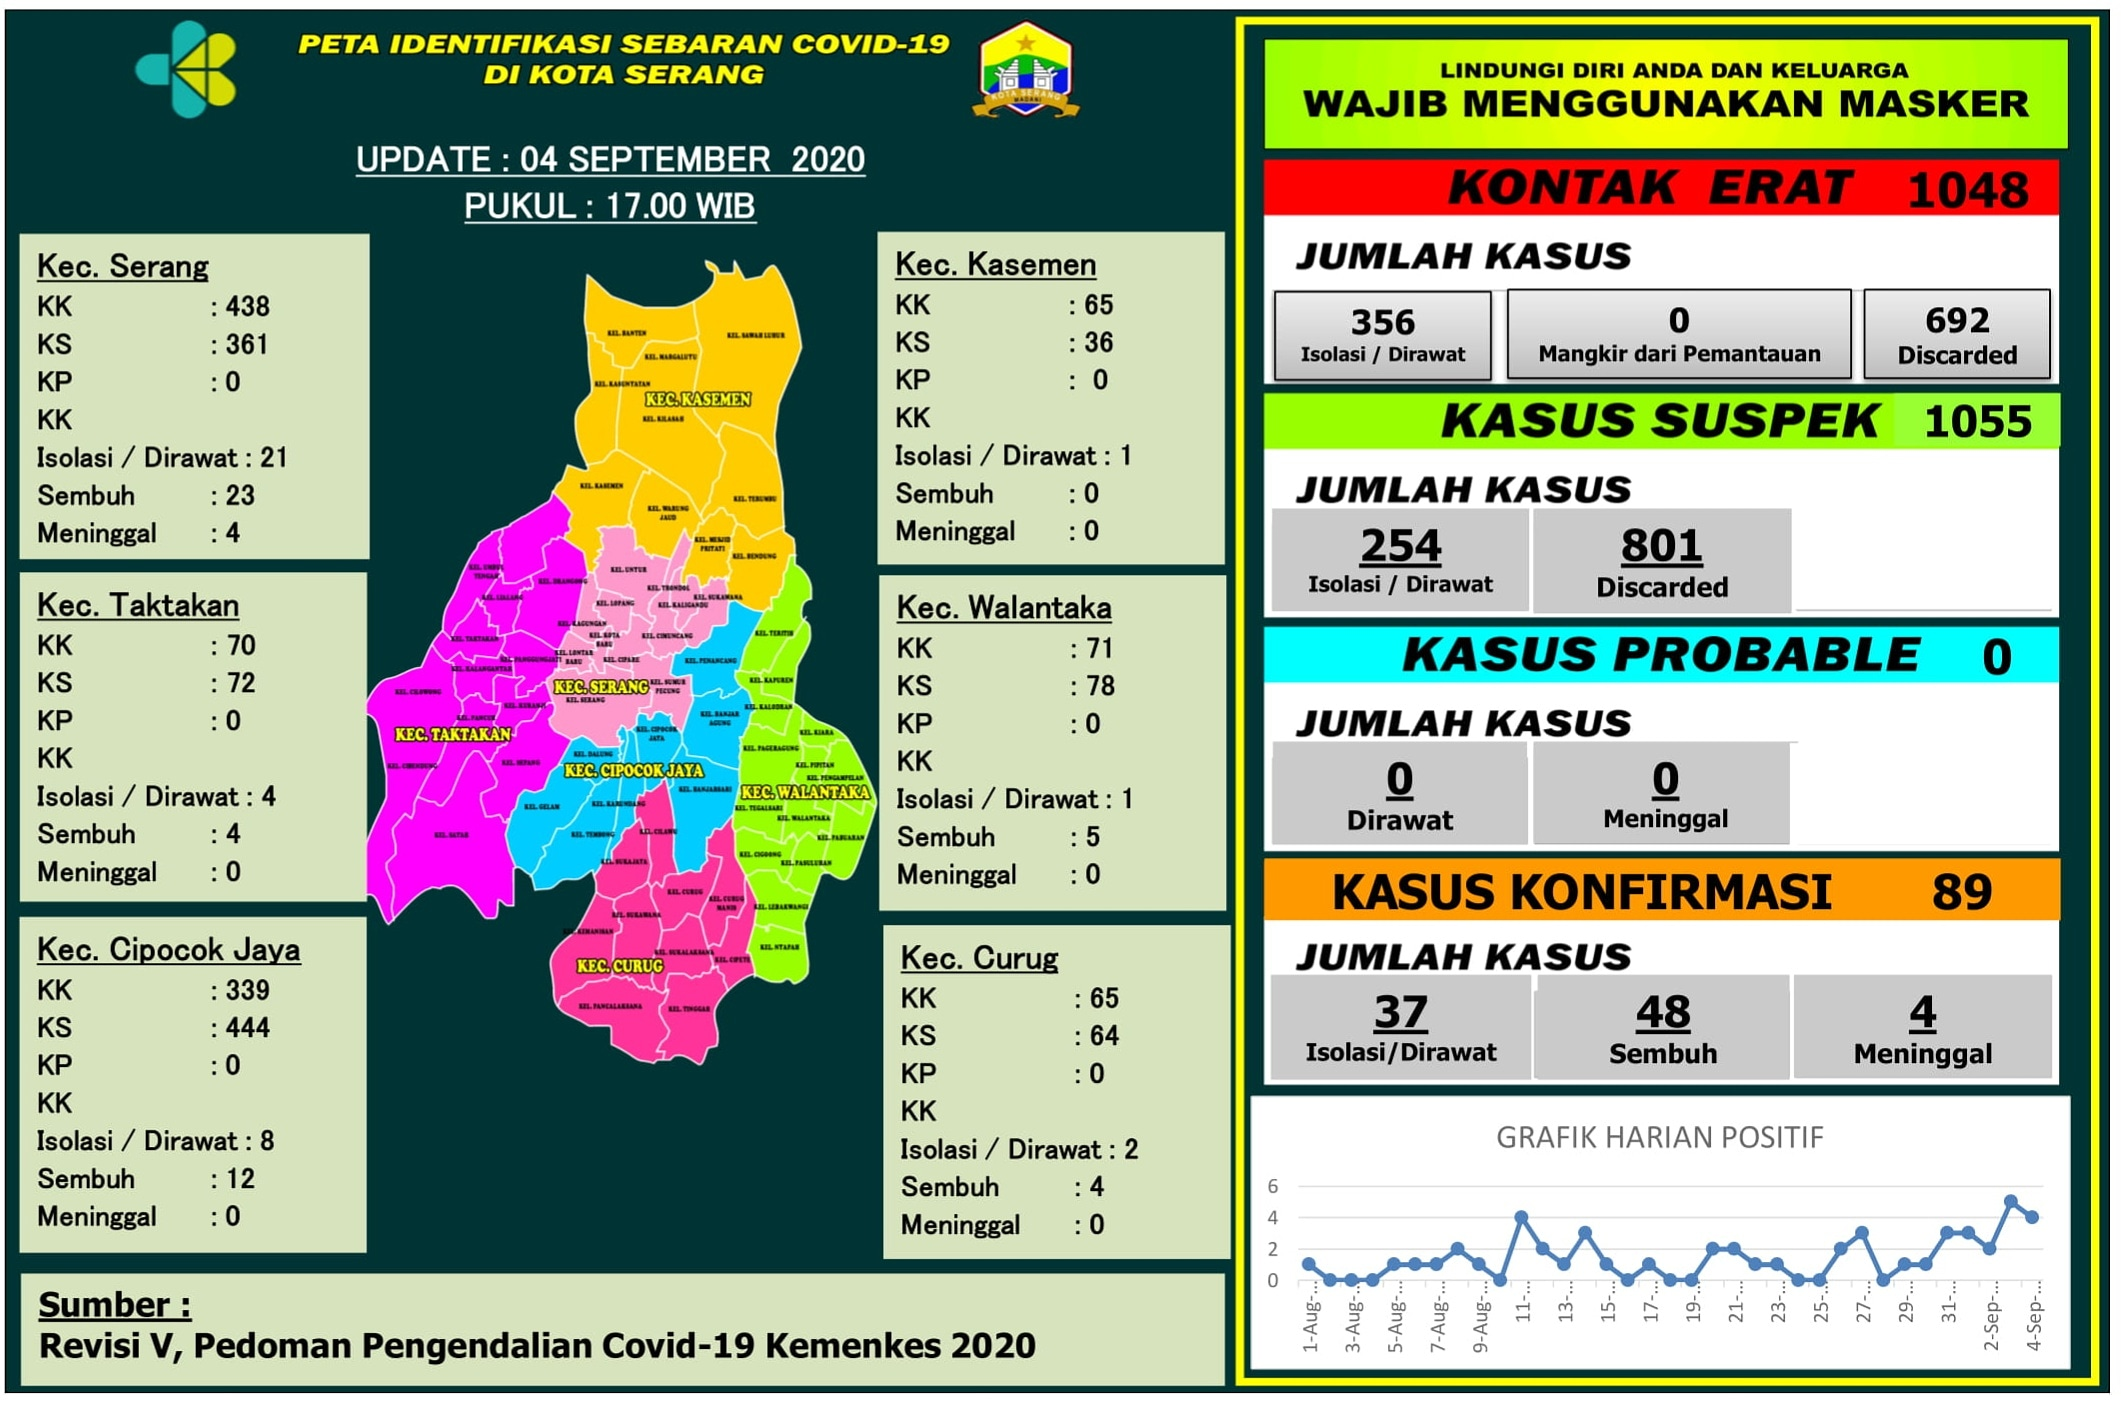 PETA IDENTIFIKASI SEBARAN COVID-19 DI WILAYAH KOTA SERANG, 04 SEPTEMBER 2020.